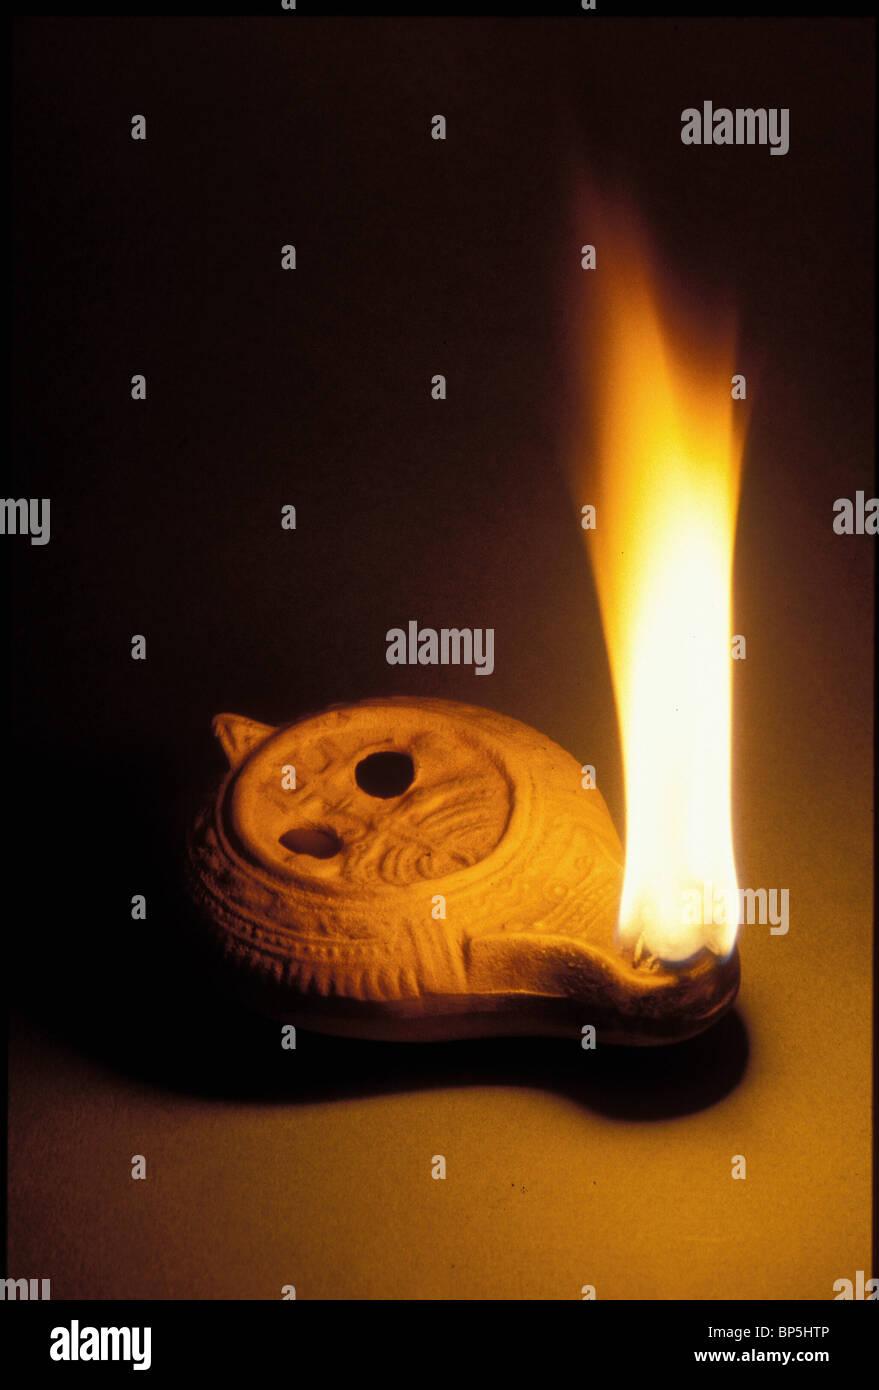 3329. Periodo tardo romano lampada a petrolio con il simbolo ebraico dei sette candelabri ramificati; 'MENORAH' Immagini Stock